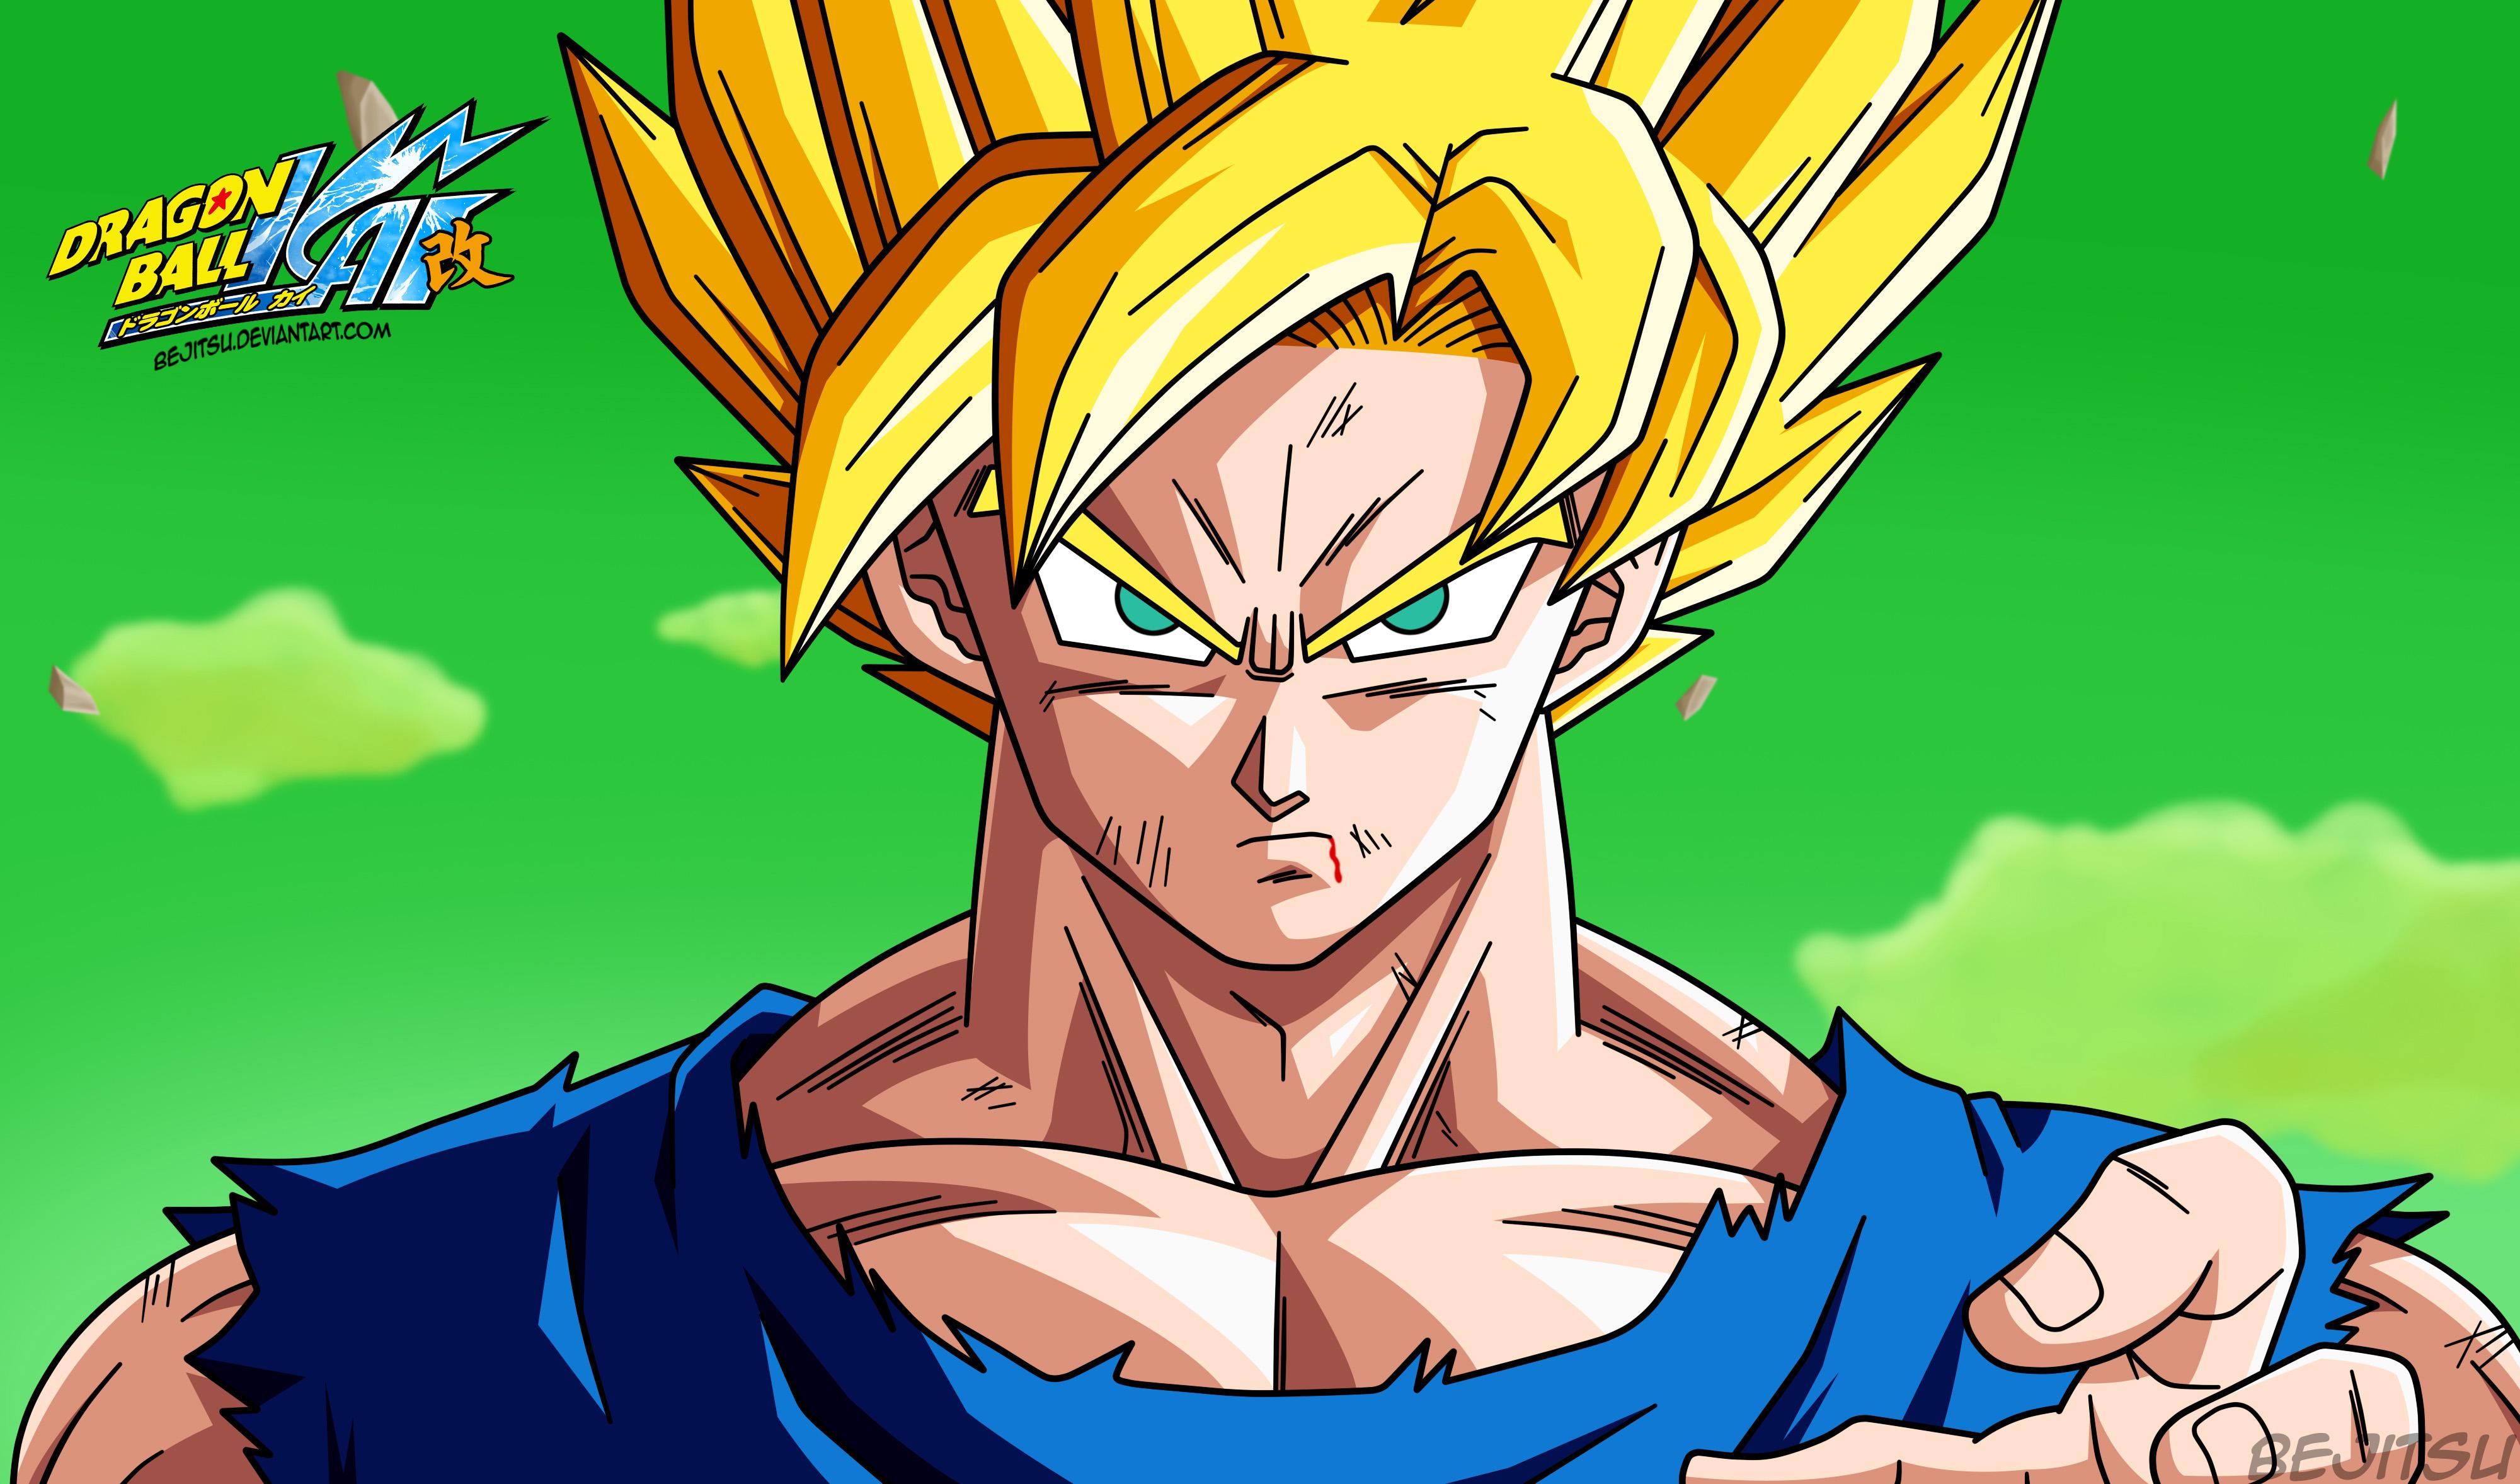 Dragon Ball Z Kai Wallpapers Anime Hq Dragon Ball Z Kai Pictures